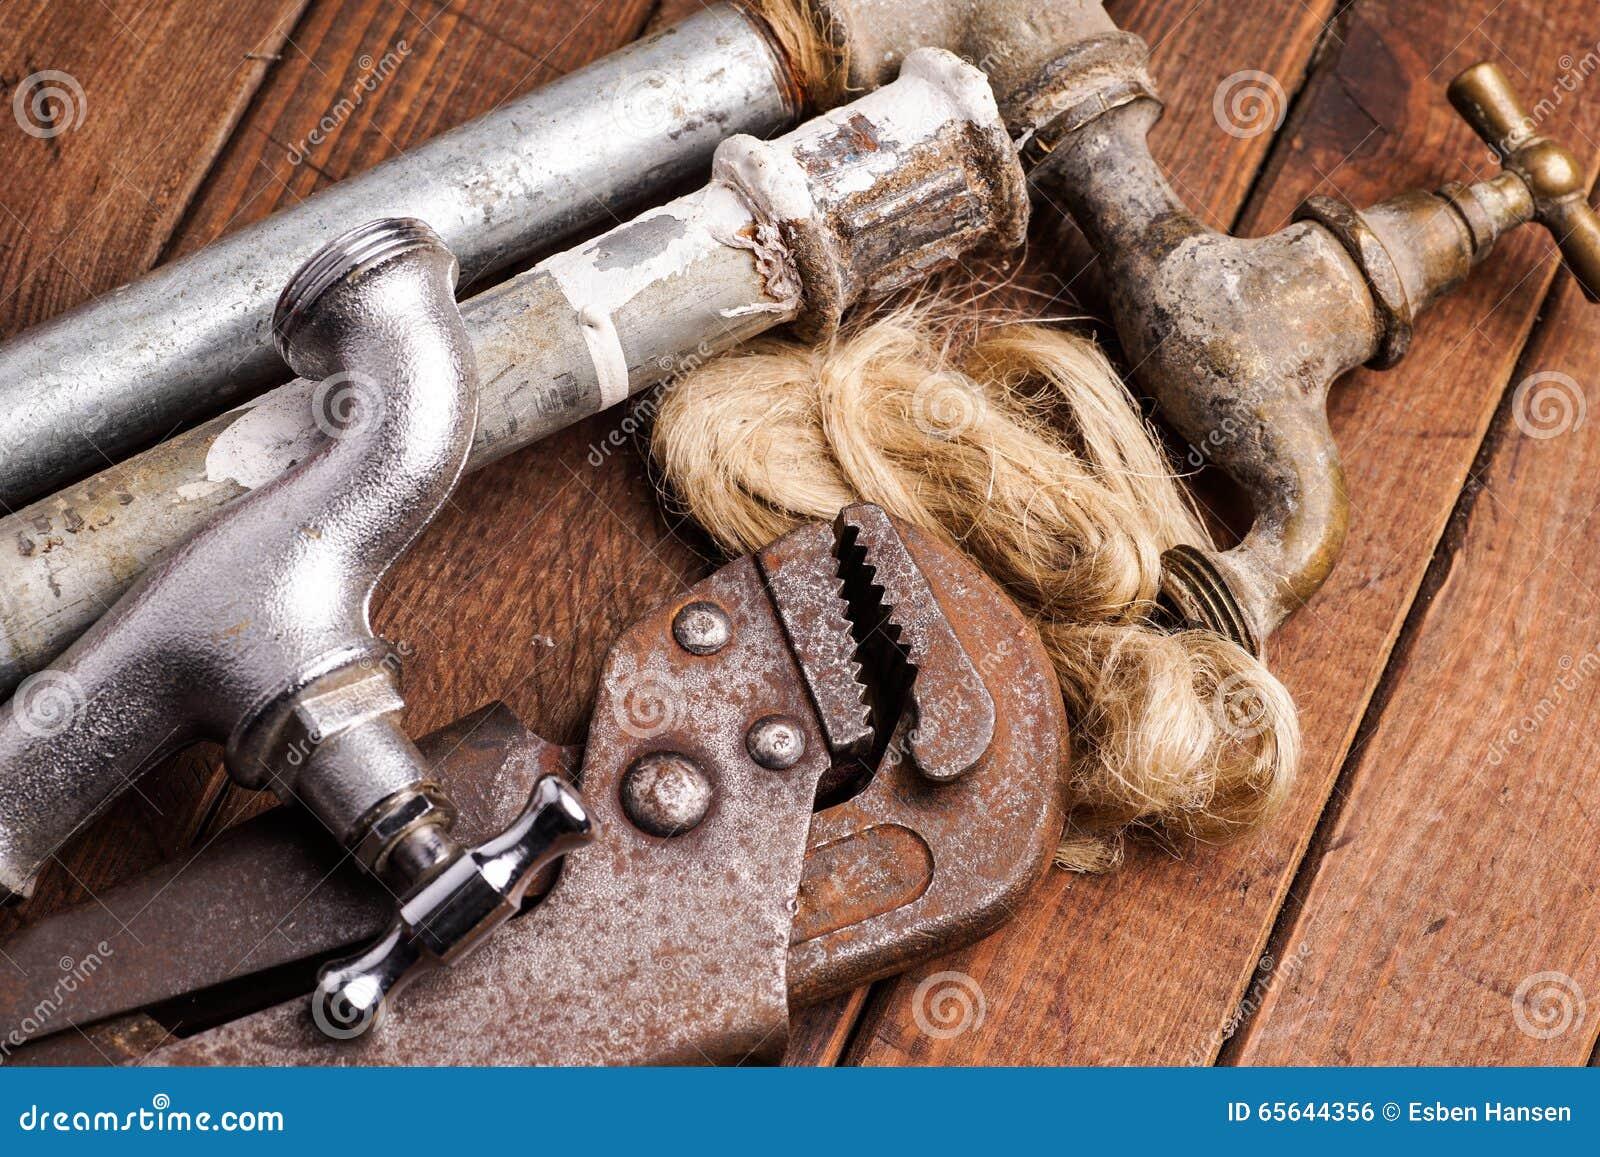 Outils de travail, tuyauterie, tuyaux et robinets